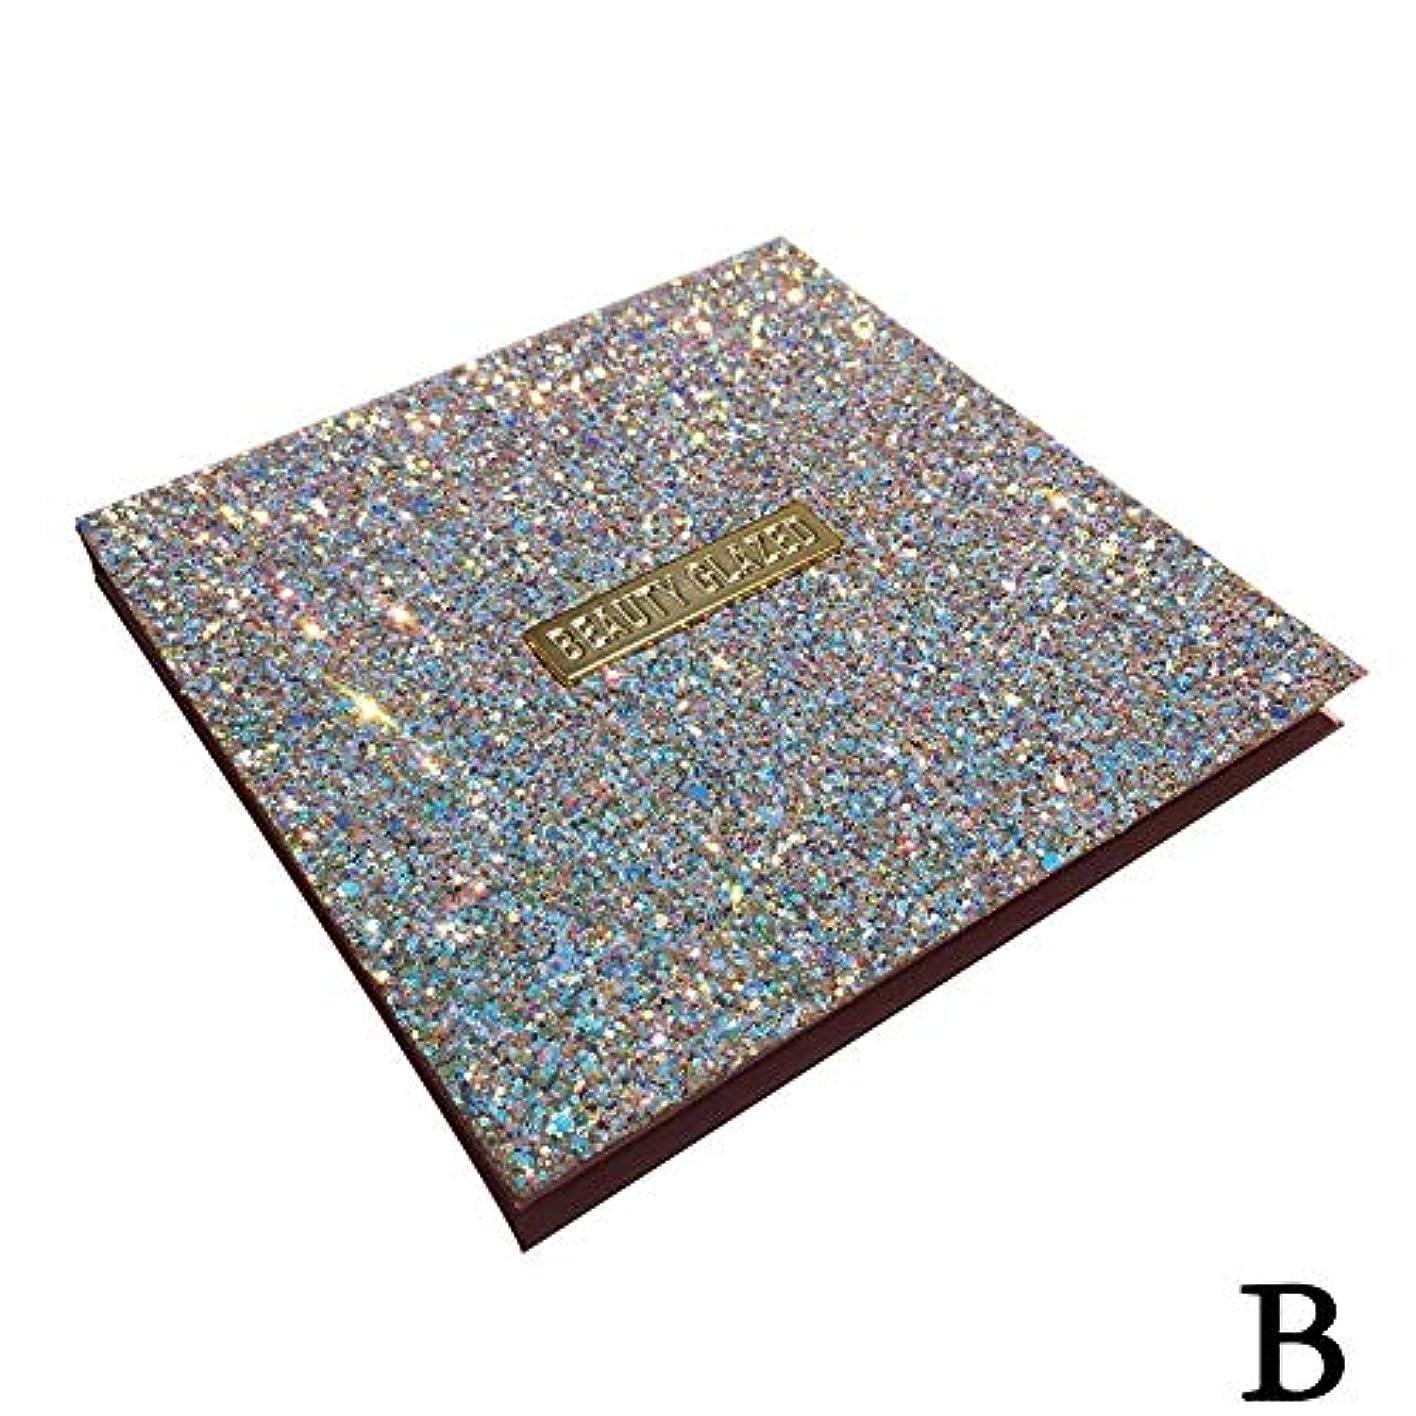 ベッドを作る力強い知恵(ゴールデン ドリーミング)Golden Dreaming beauty glazed 無光沢の真珠16色のアイシャドウ (B 2#)